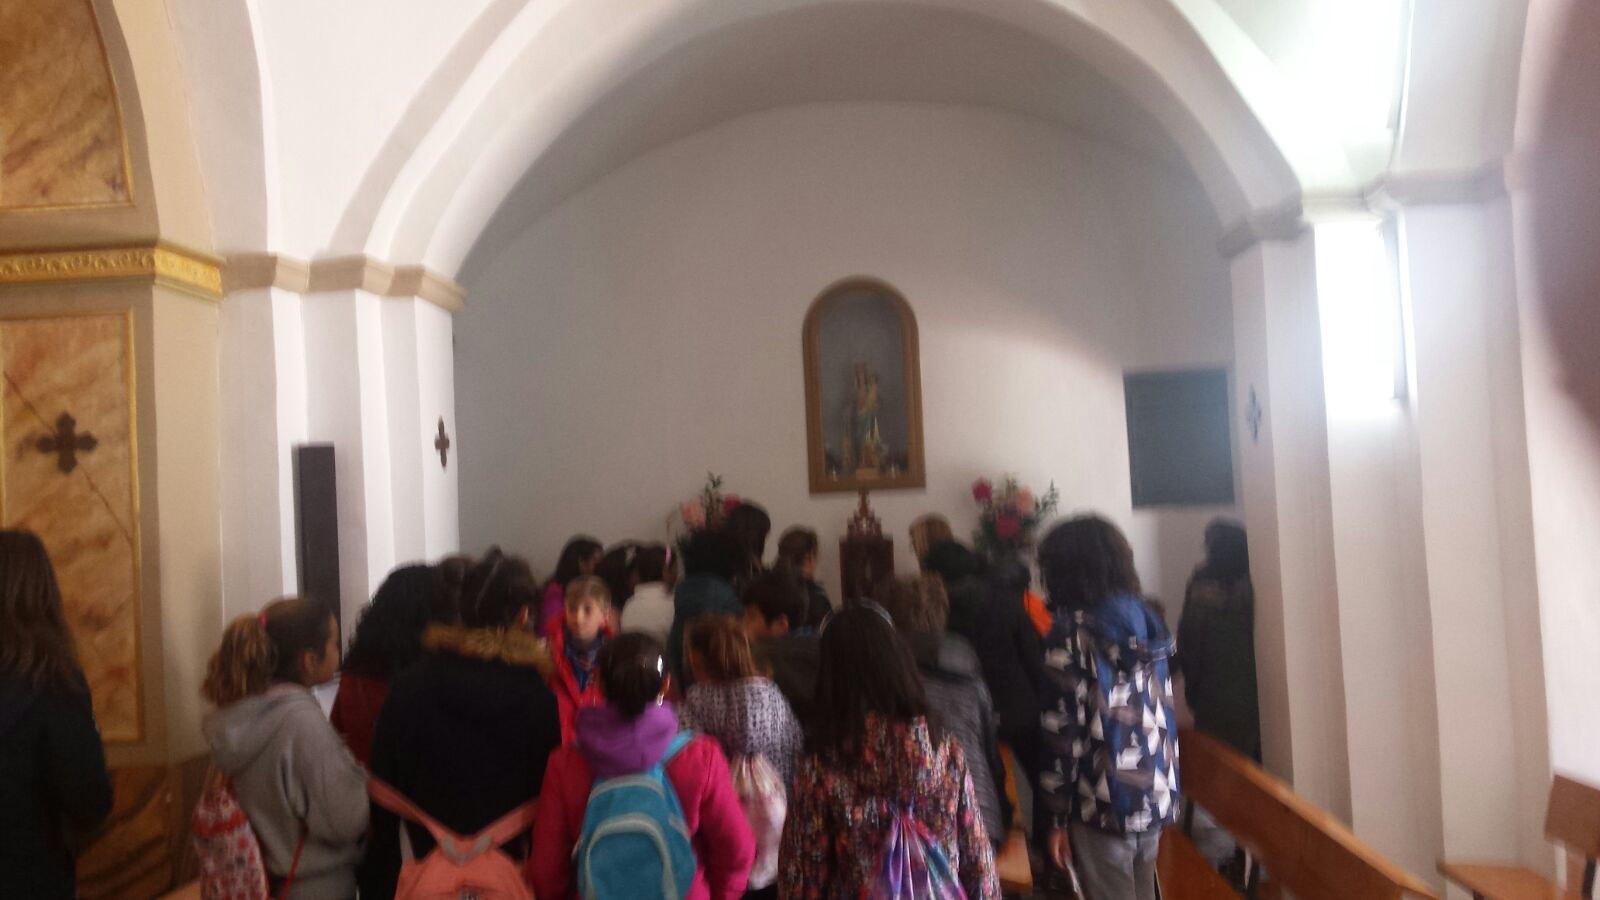 (2018-03-19) - Visita ermita alumnos Yolada-Pilar,6º, Virrey Poveda-9 de Octubre - Maria Isabel Berenquer Brotons - (10)